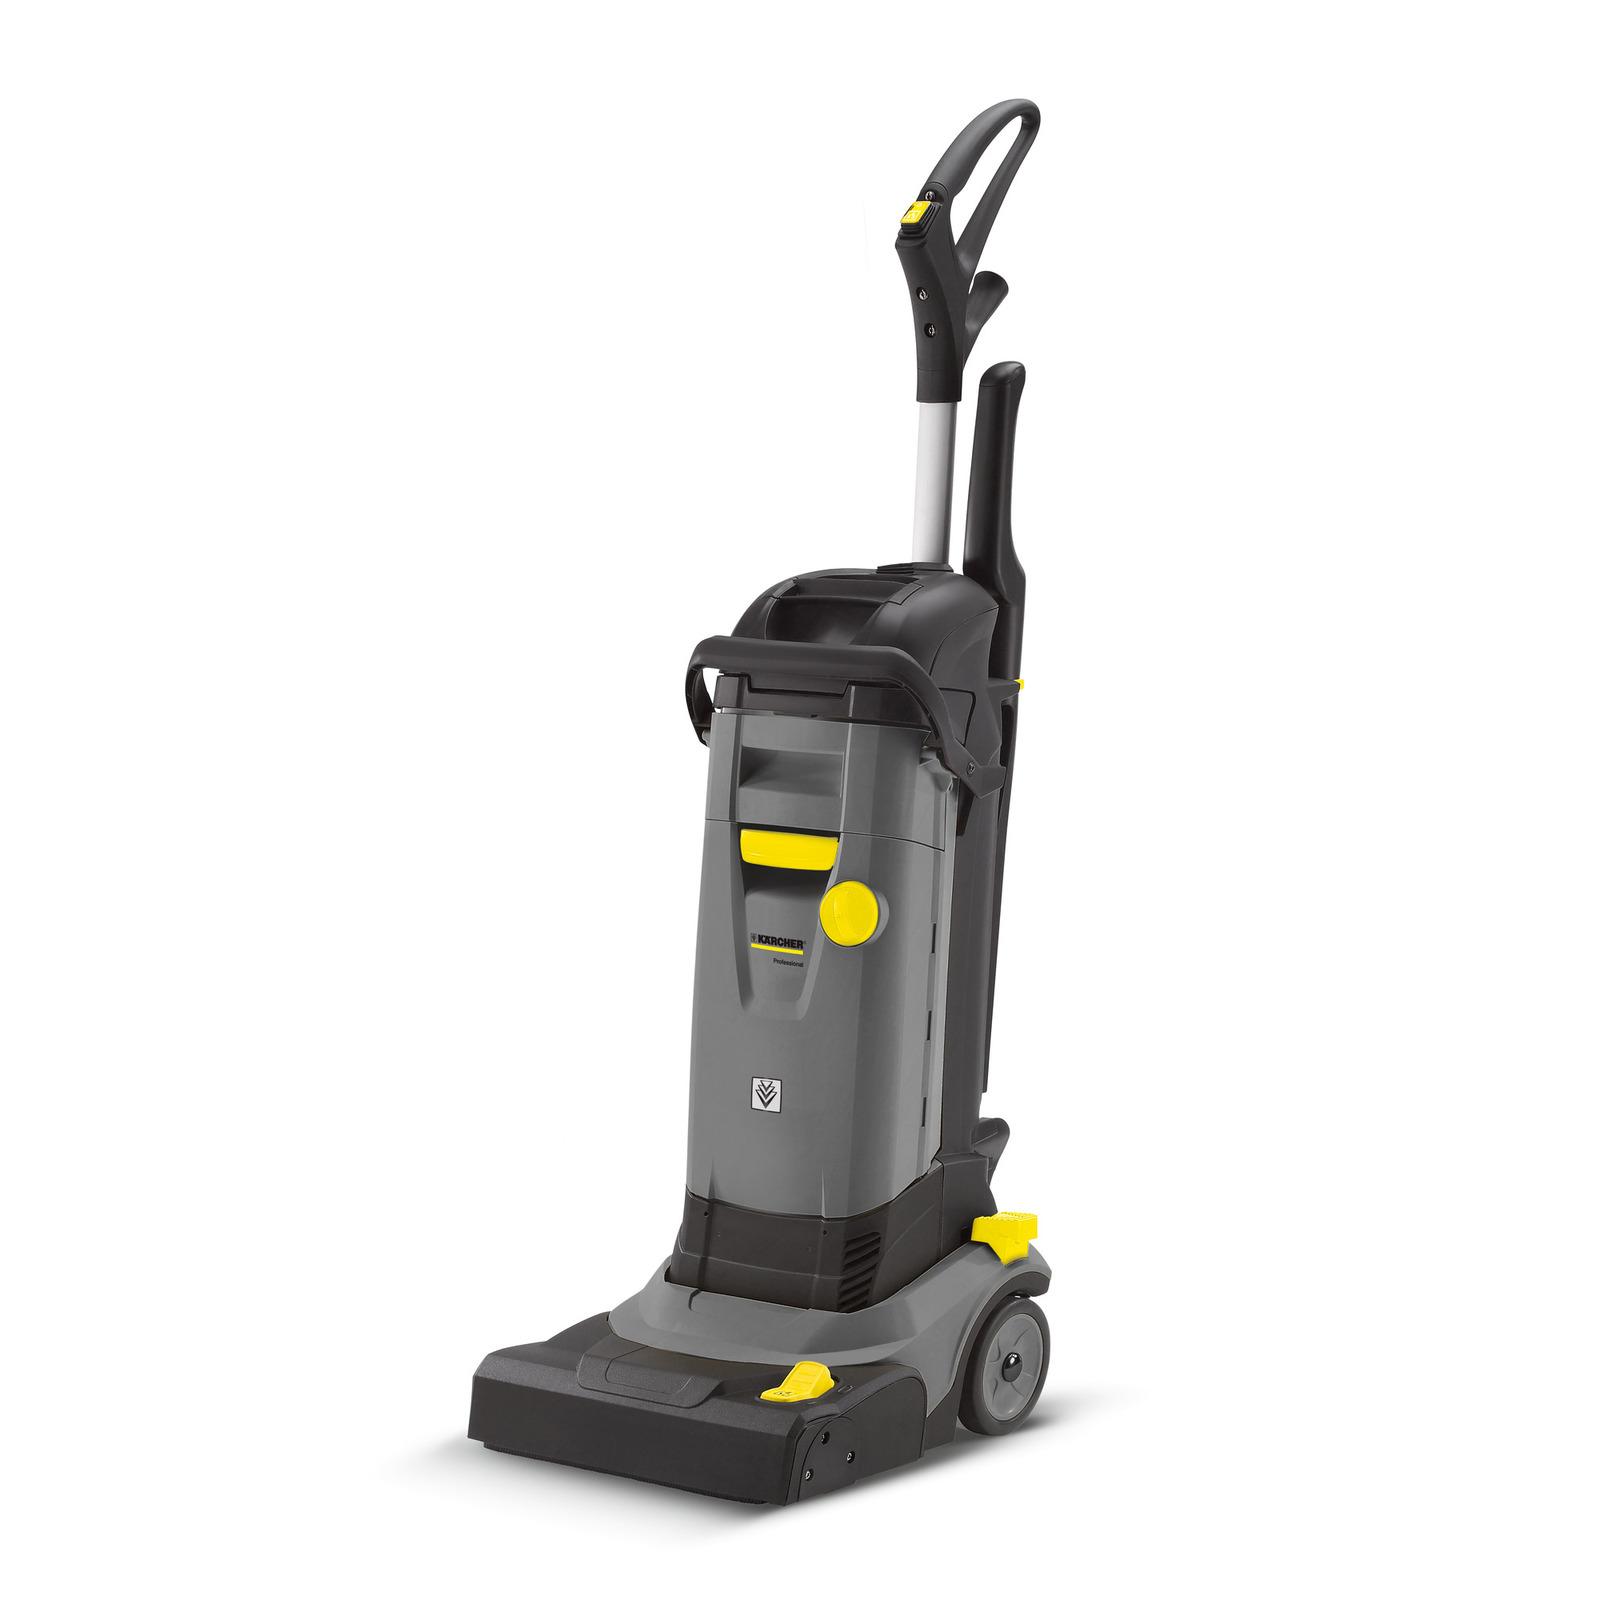 Lavasciuga pavimenti compatte br 30 4 c adv k rcher s p a for Lavasciuga compatta